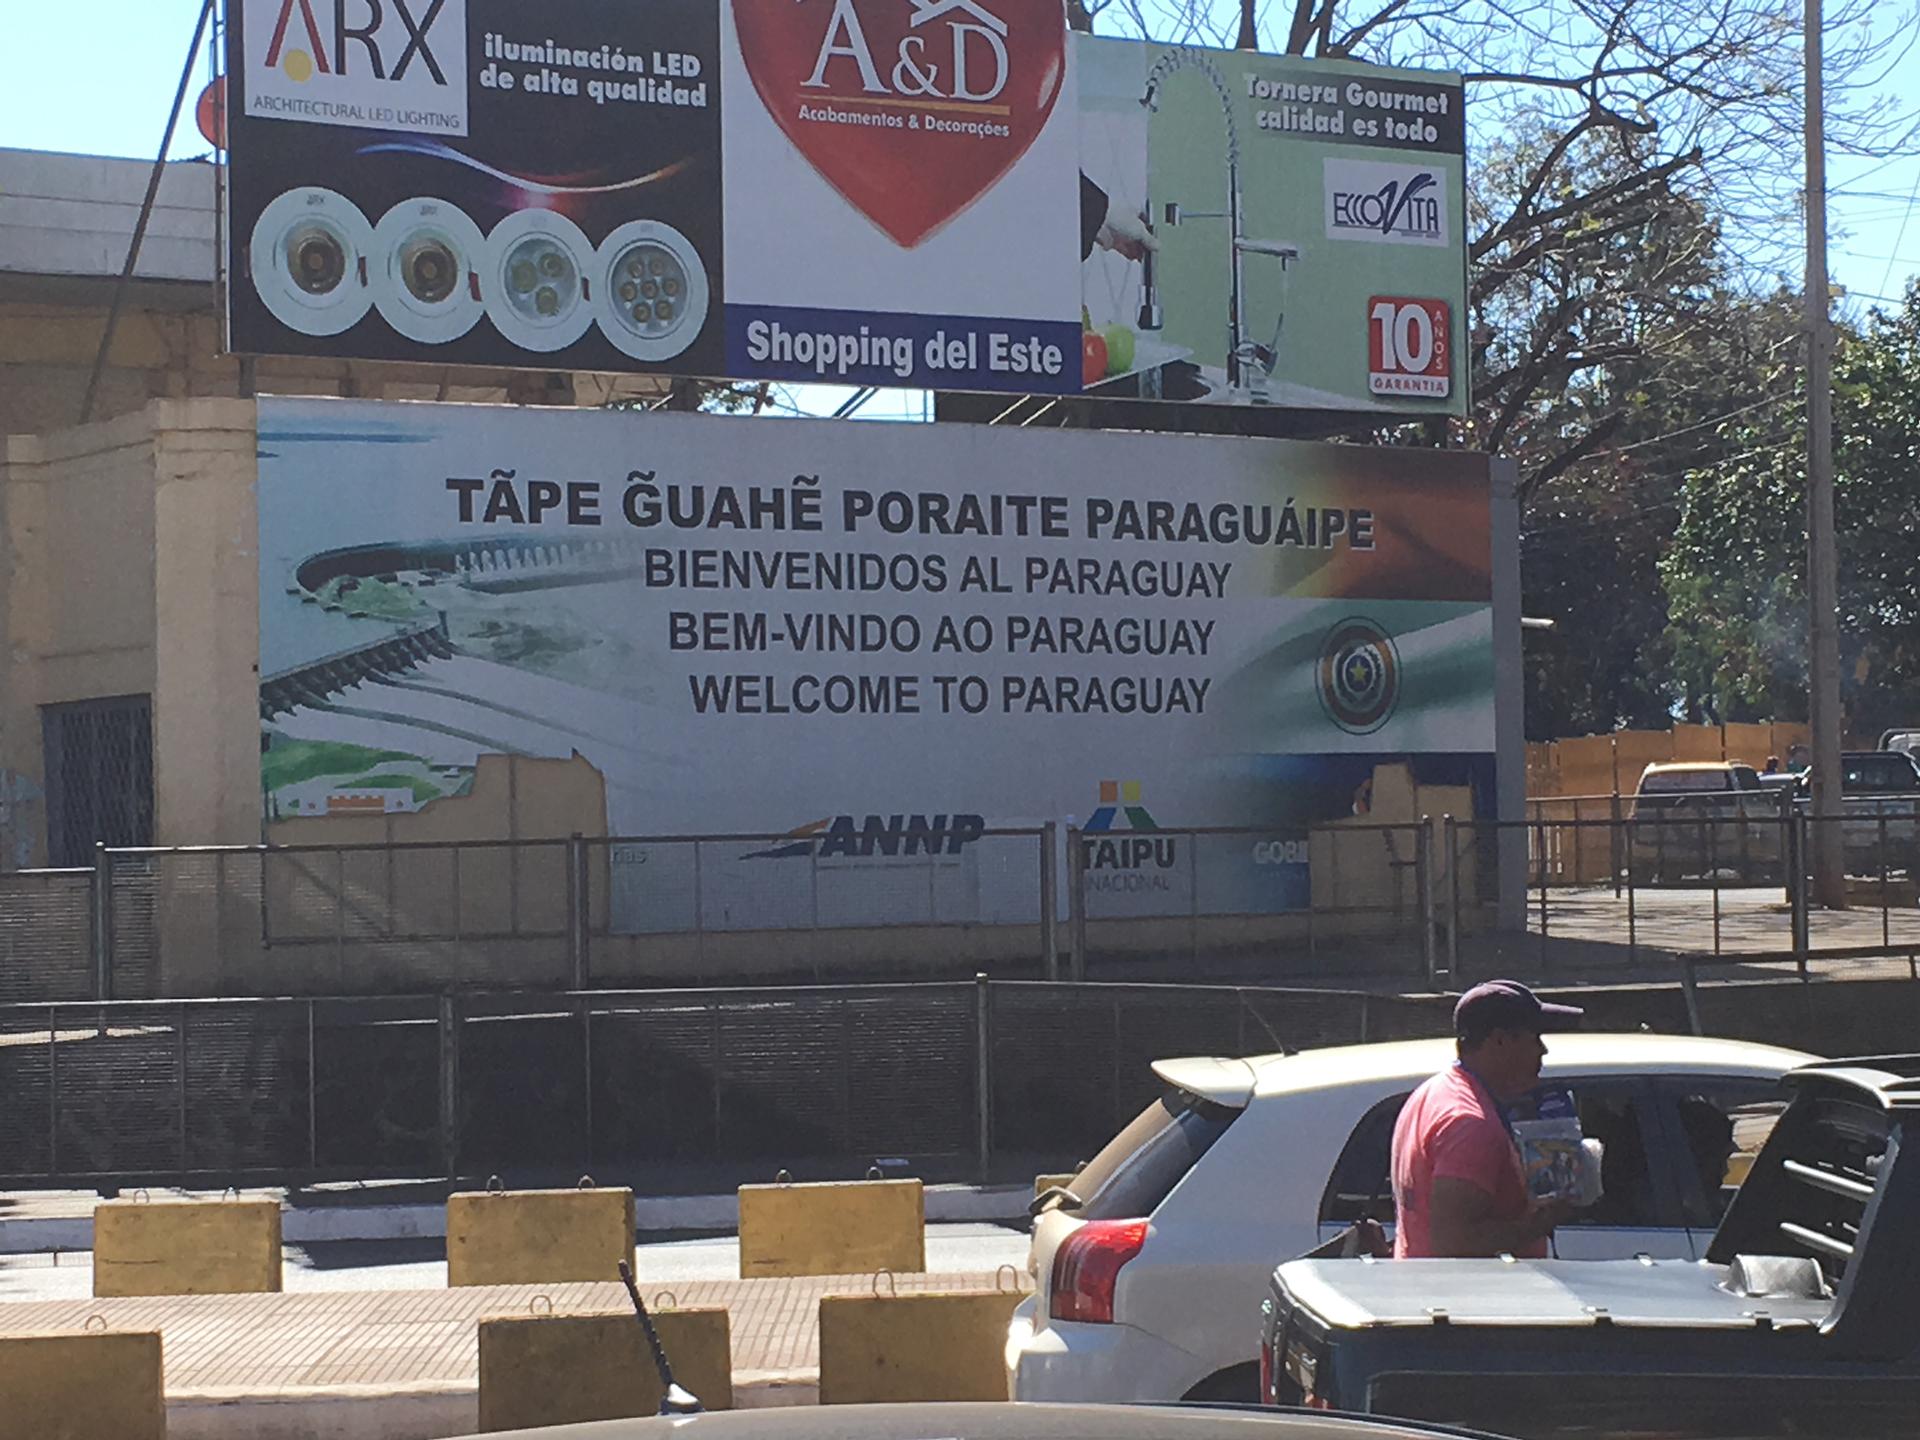 bienvenidos ciudad este  pablocaminante - Paraguay, Ciudad del Este